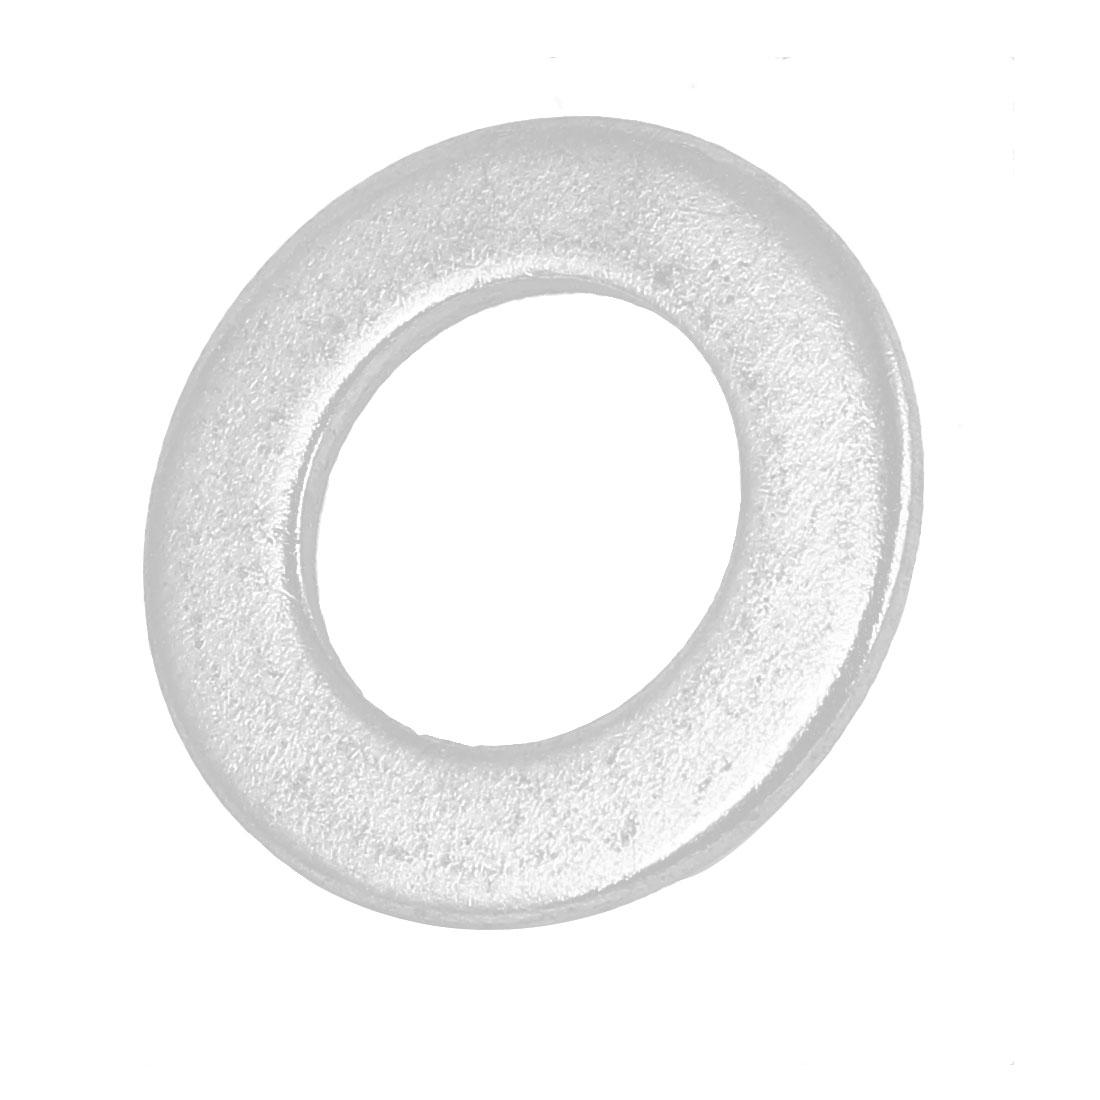 16mm x 30mm x 2.5mm Zinc Plated Flat Pad Washer Gasket Fastener GB97